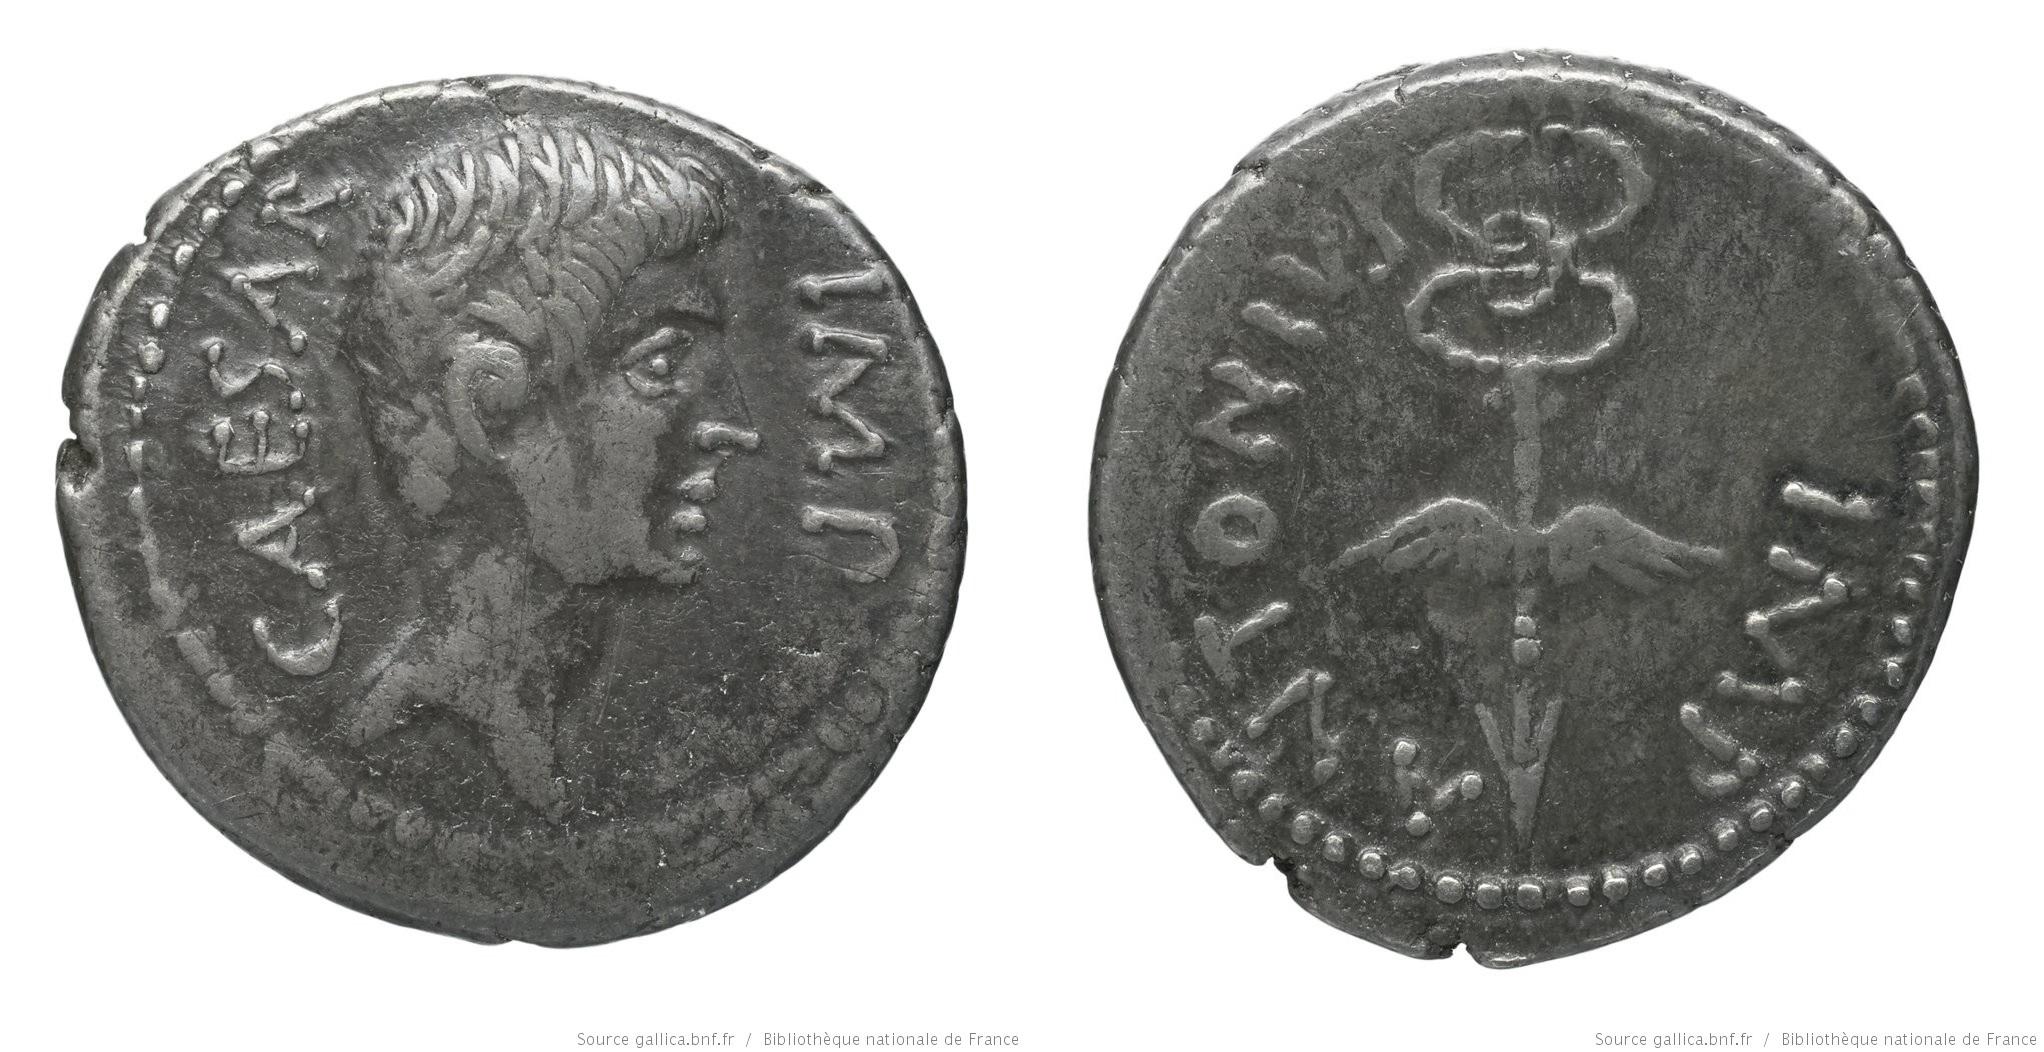 1721JU – Denier Octave et Marc Antoine – Caius Julius Cæsar Octavianus